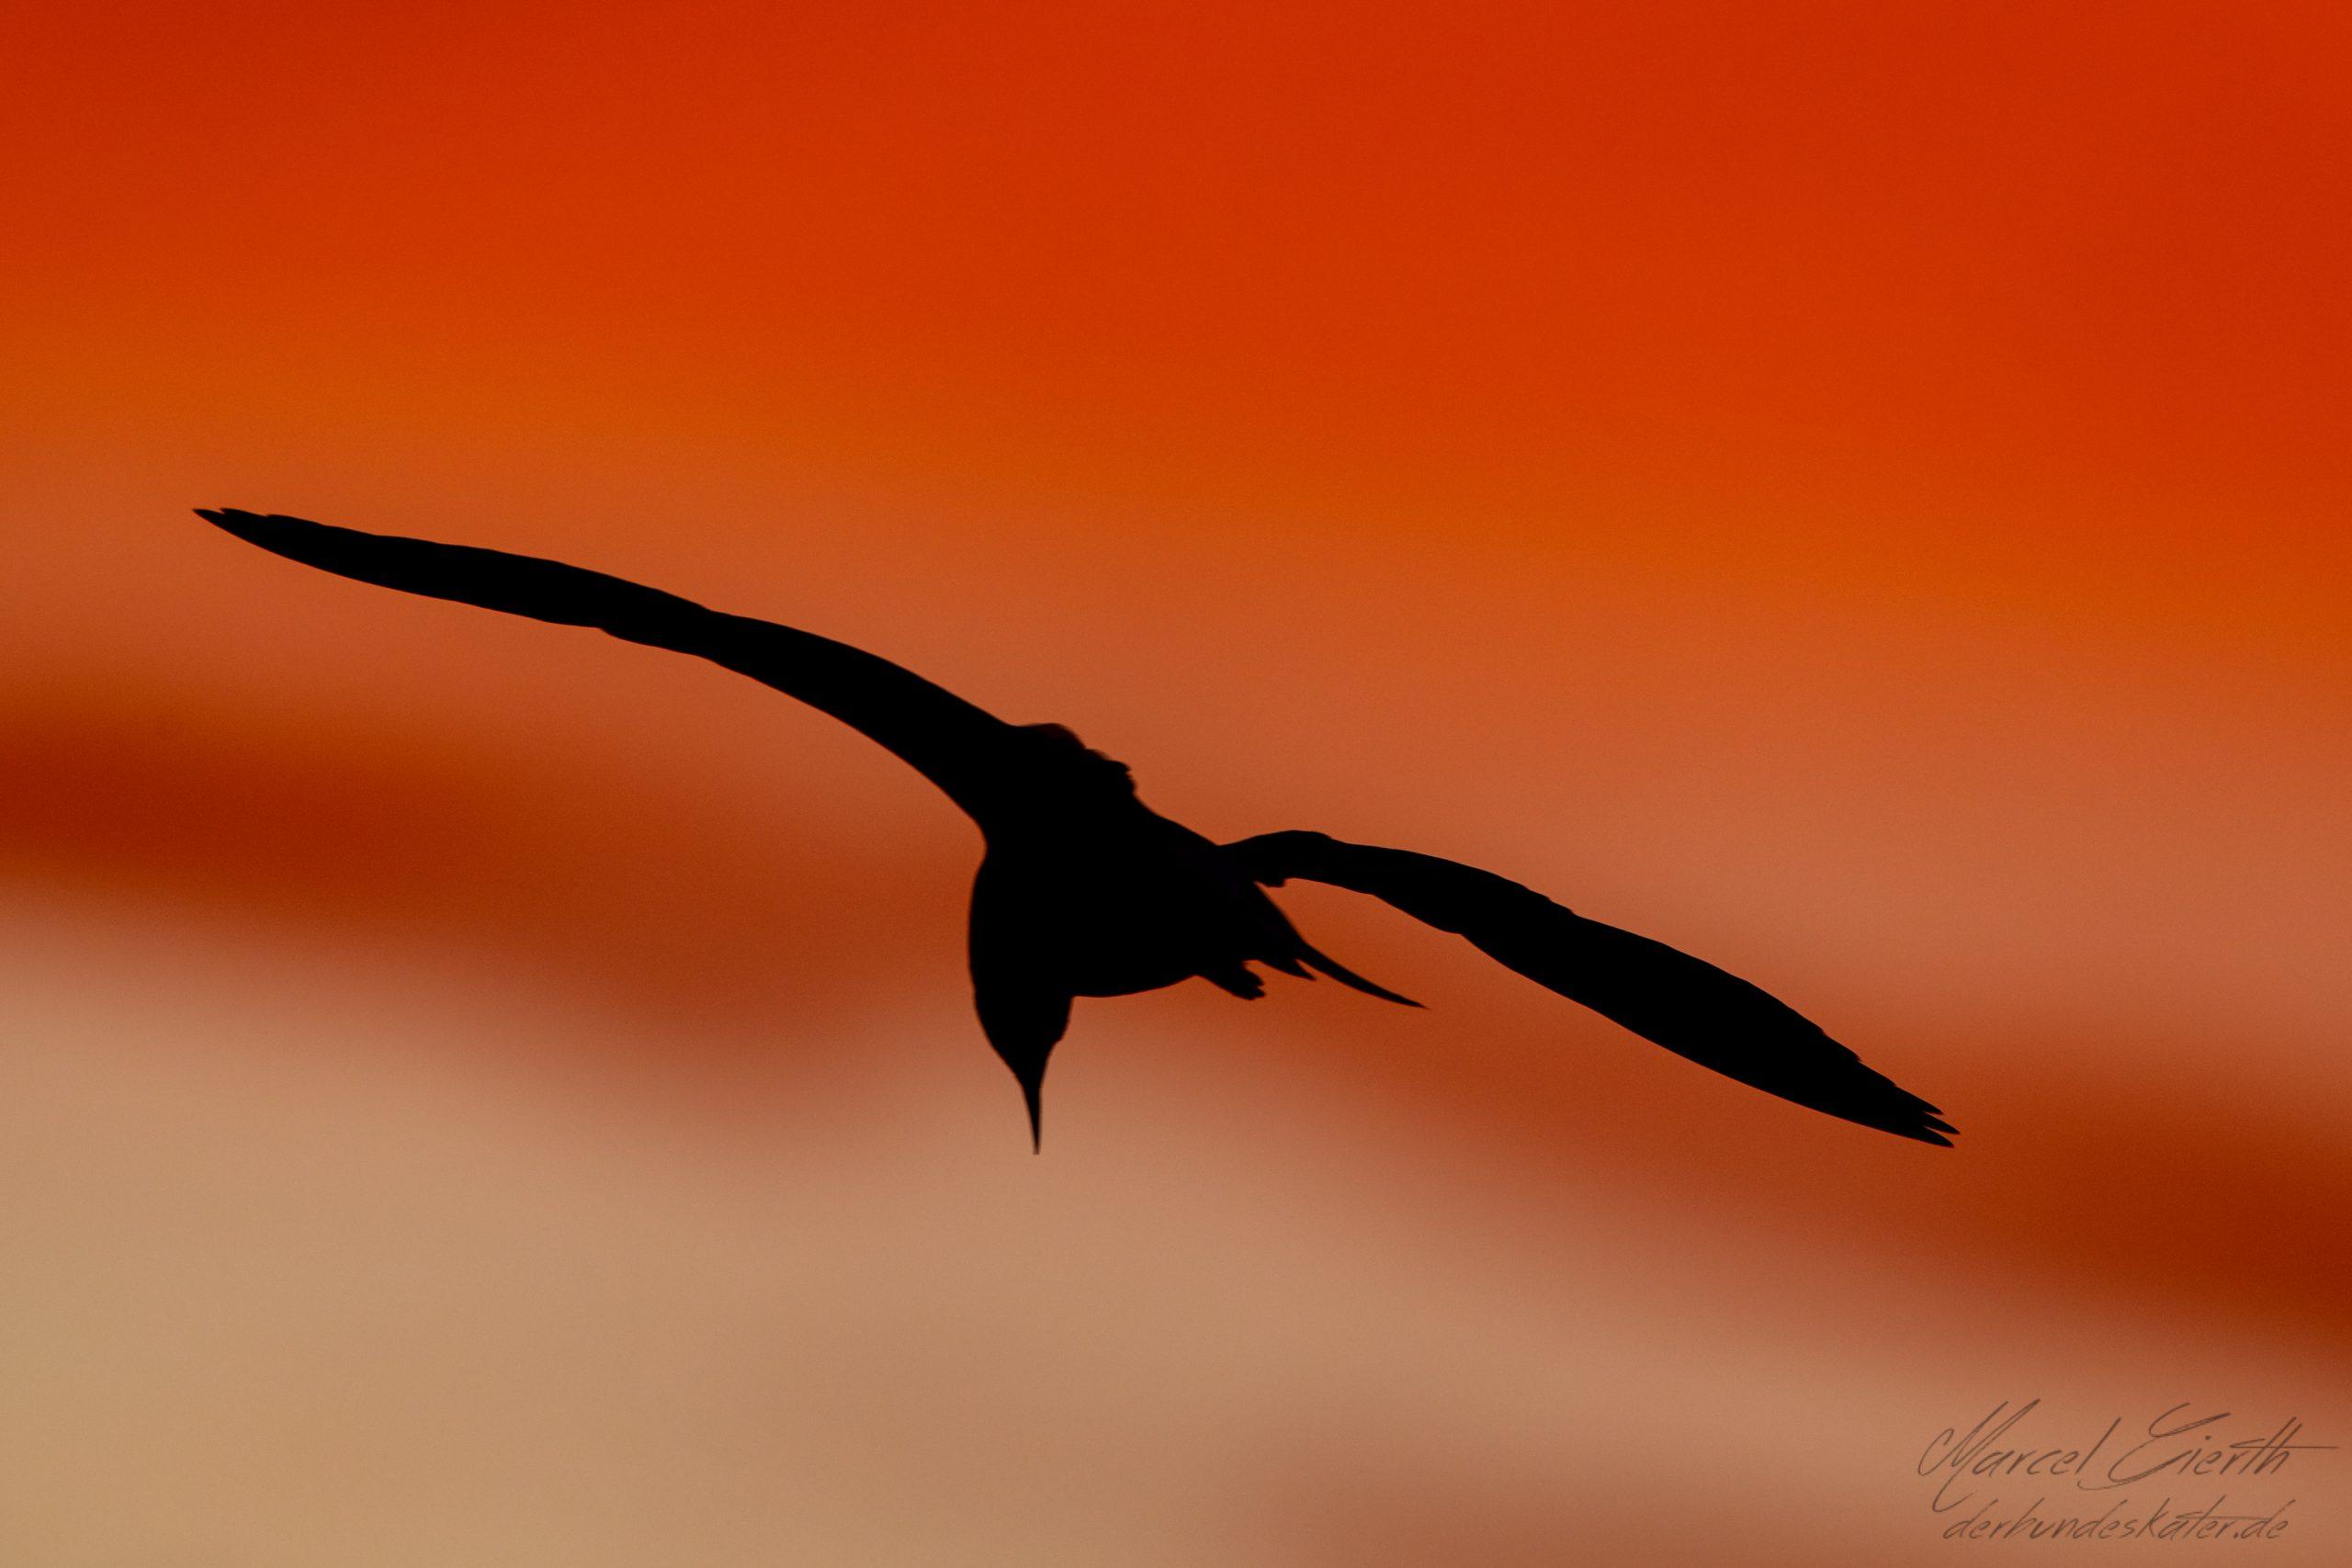 Möwe im Sonnenuntergang - Fotograf Marcel Gierth